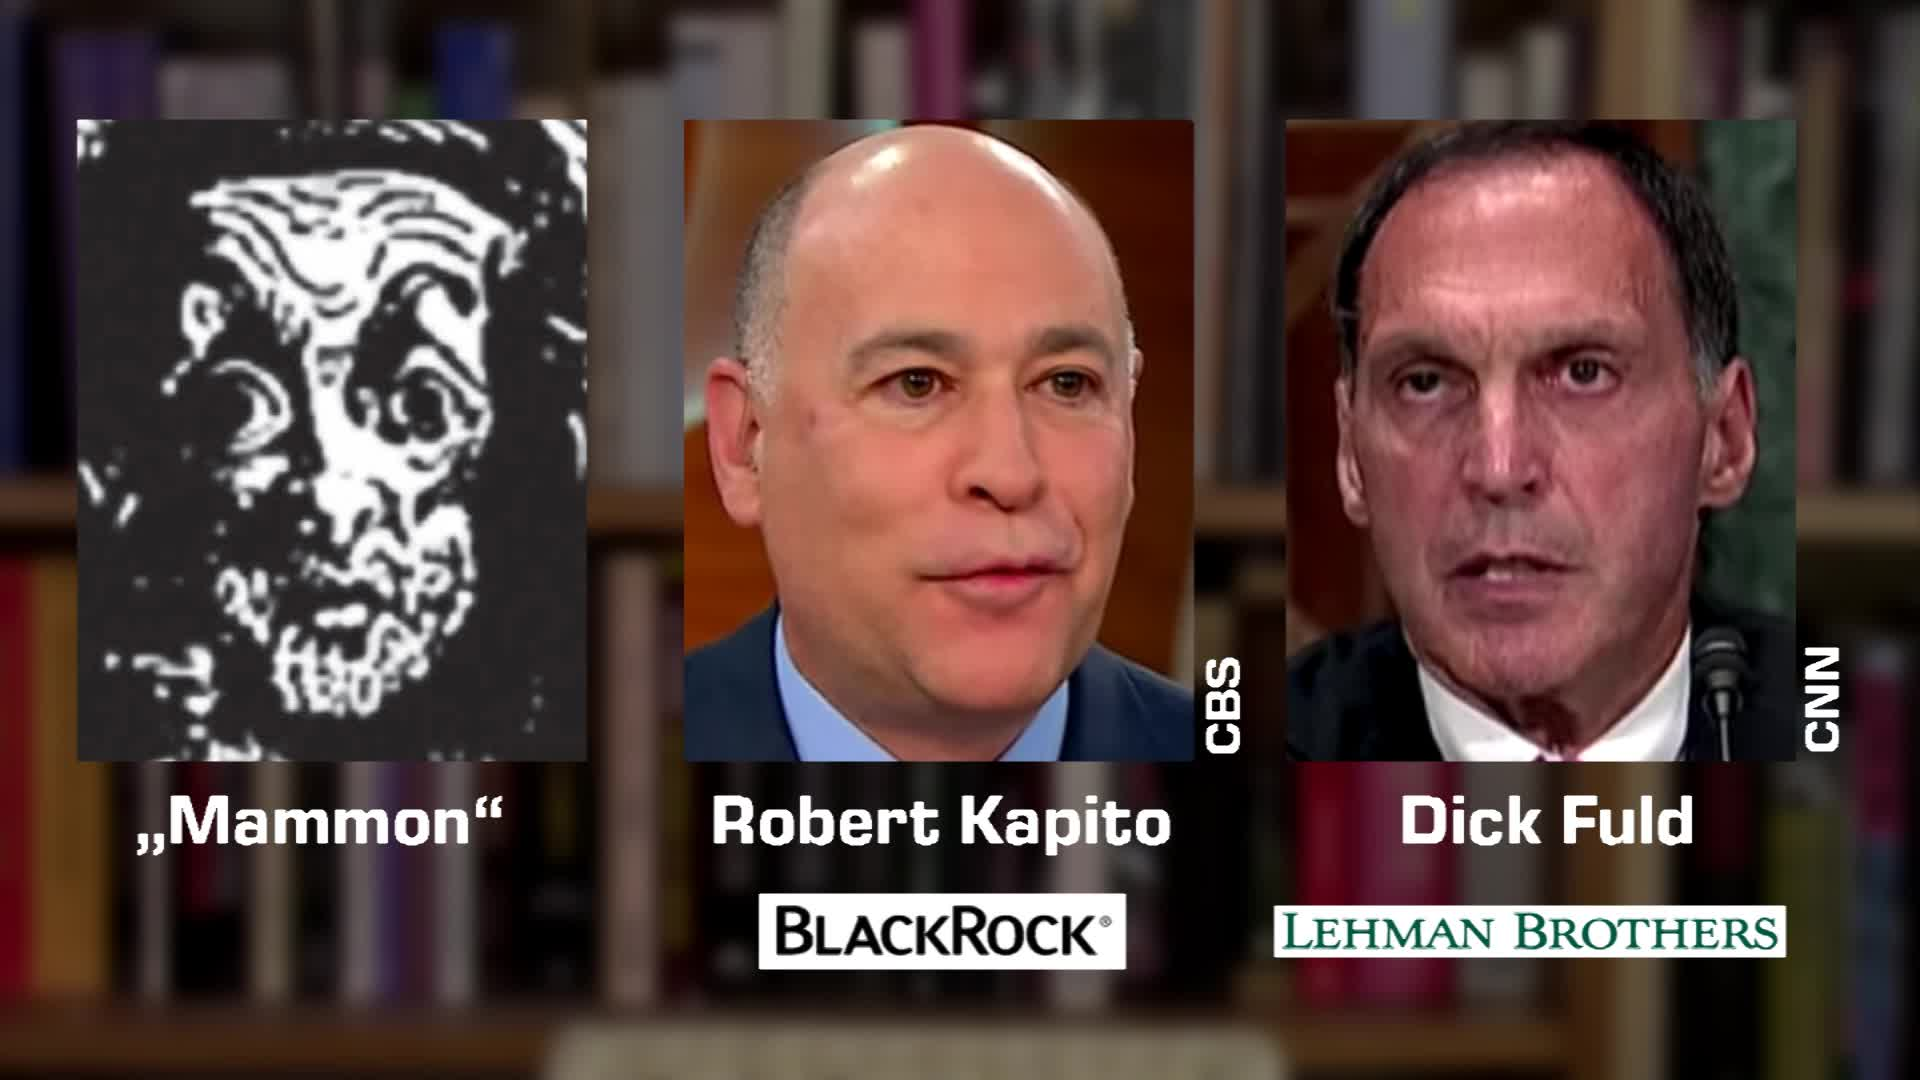 Dämon Mammon - Robert Kapito, BlackRock - Dick Fuld, Lehman Brothers - Doubles